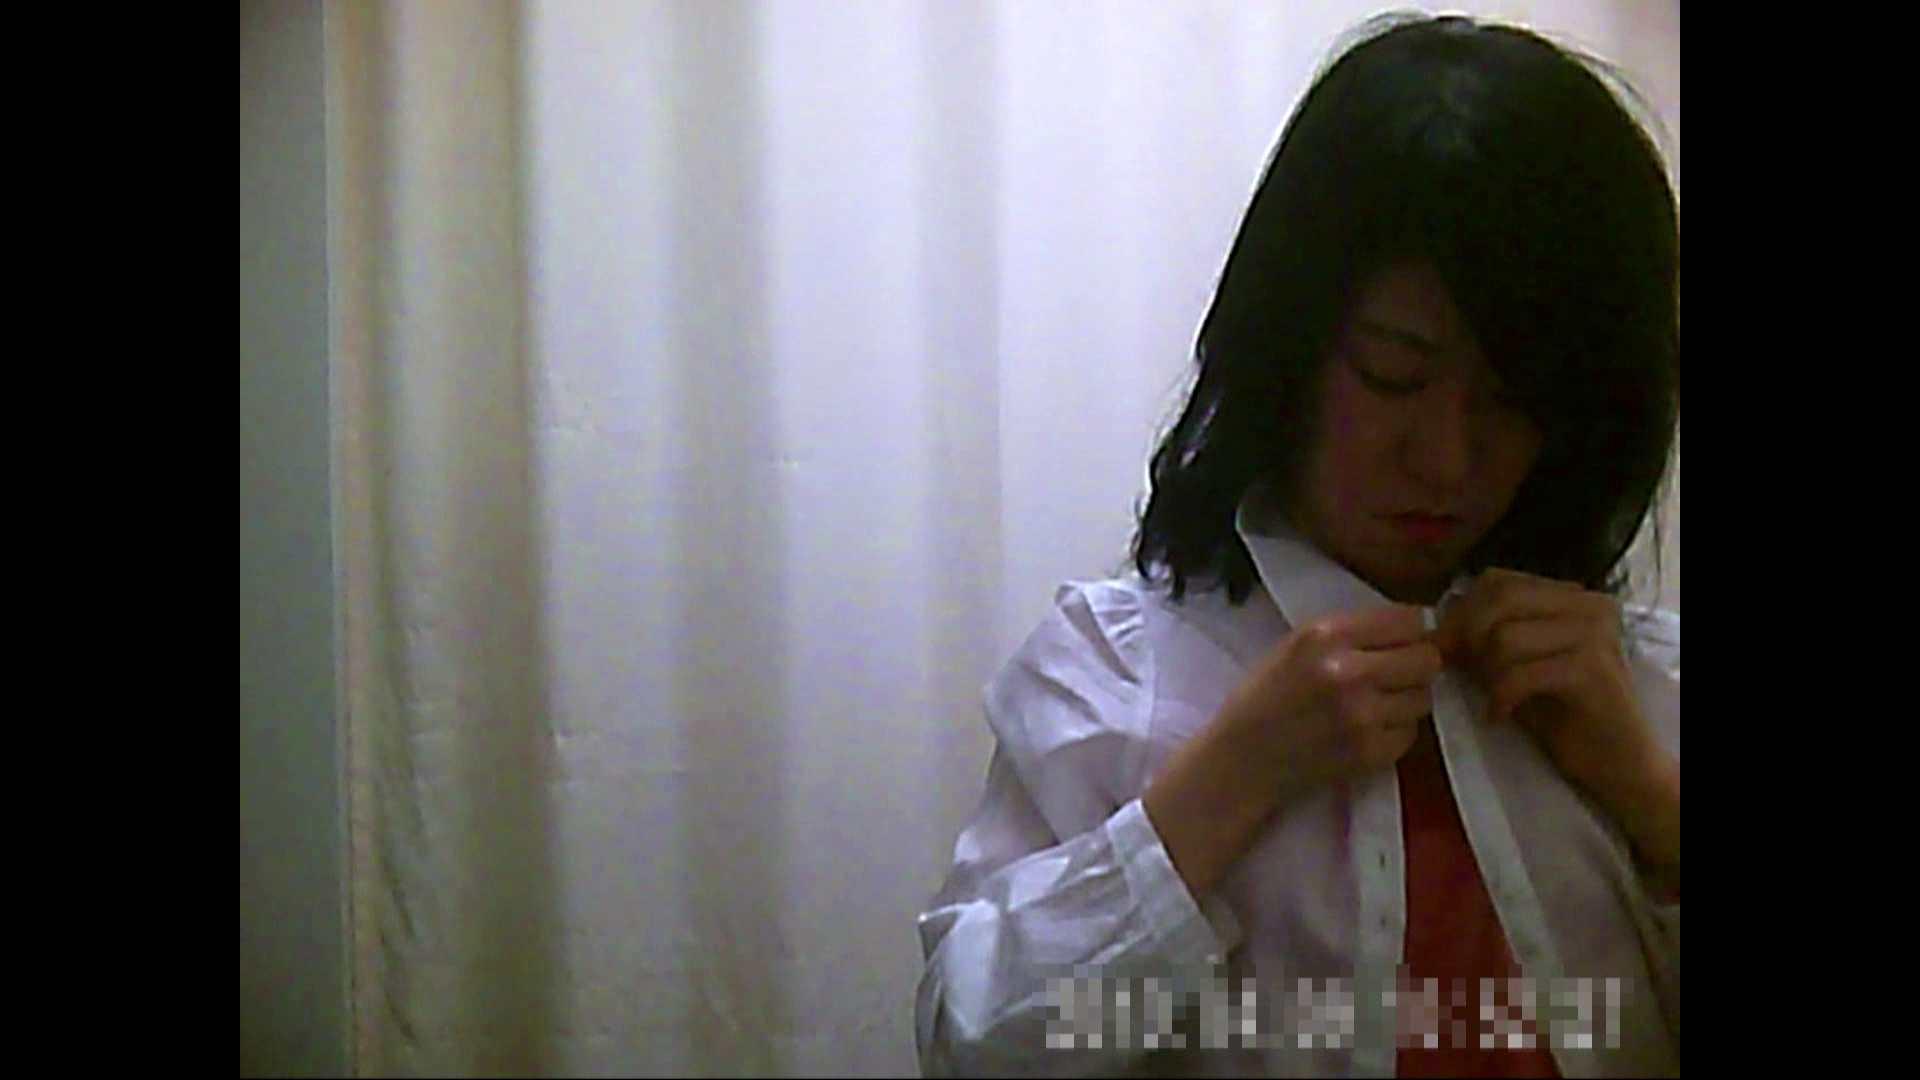 元医者による反抗 更衣室地獄絵巻 vol.097 OLハメ撮り  39Pix 7